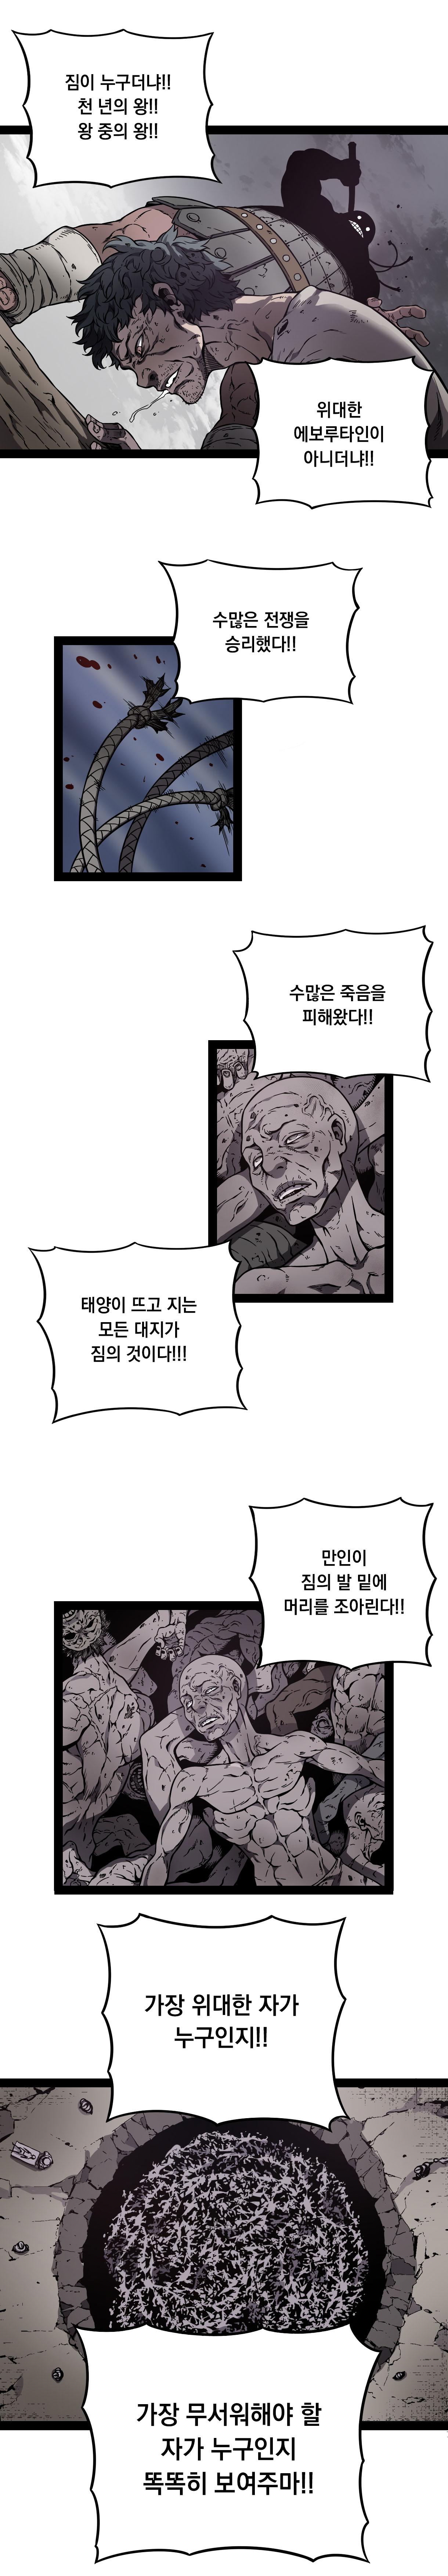 NC COMIXㅣ오만의 탑 신에게 도전한 황제, 그리고 그 오만함의 대가